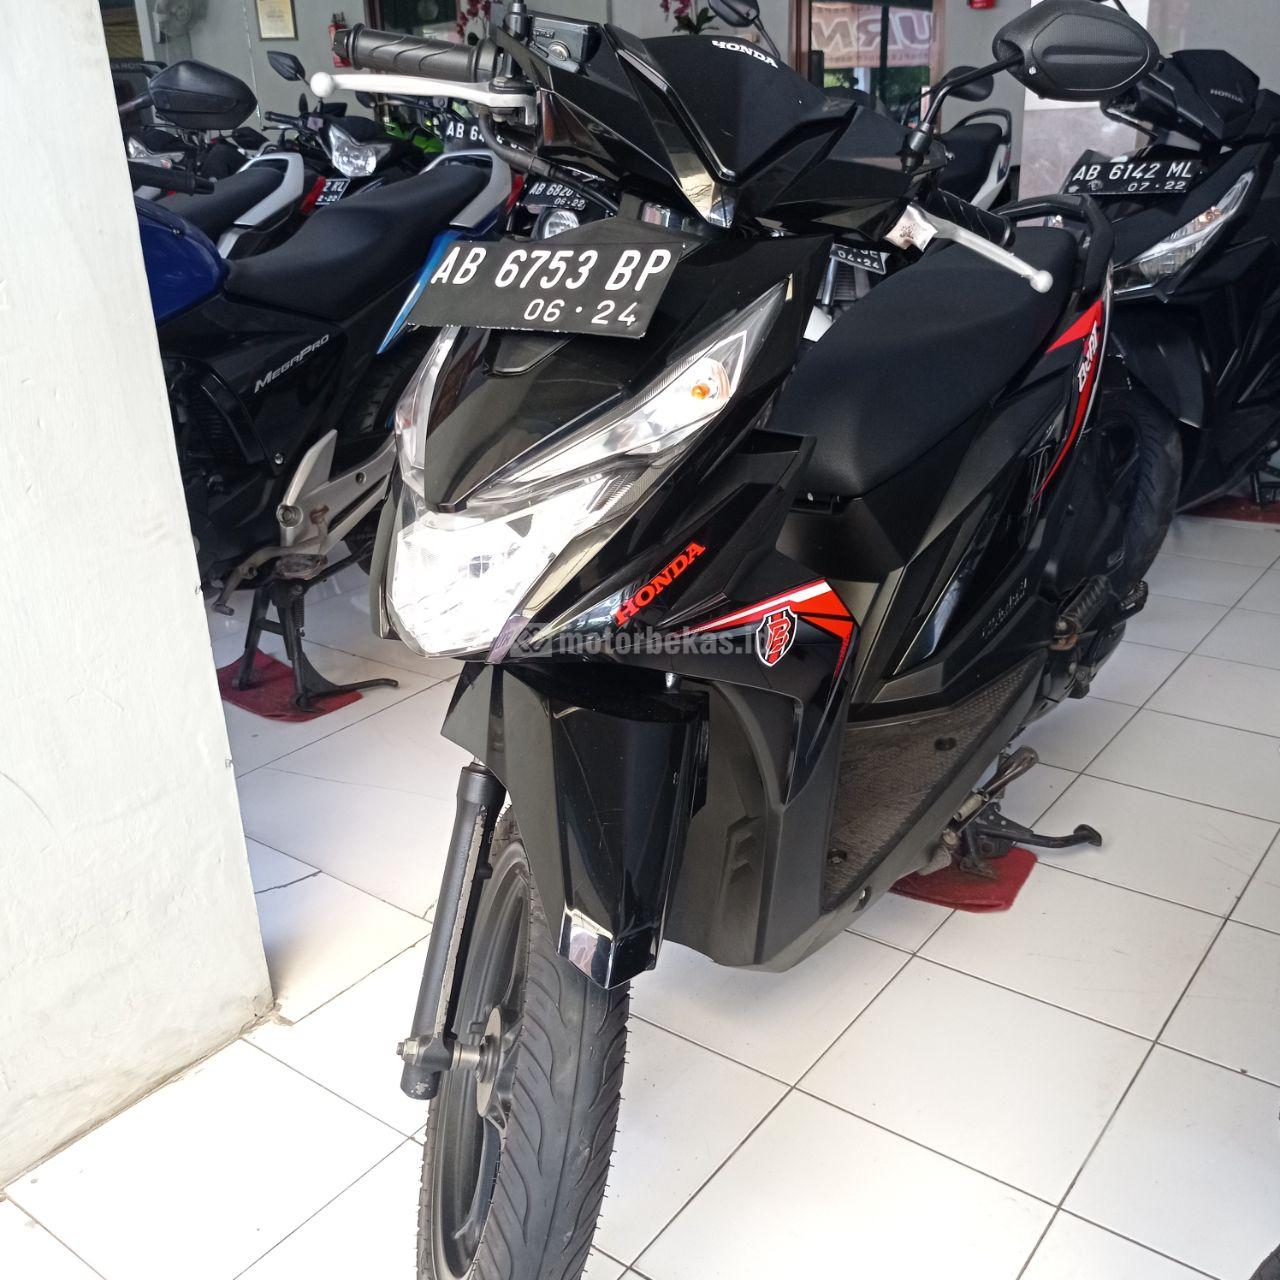 HONDA BEAT  449 motorbekas.id